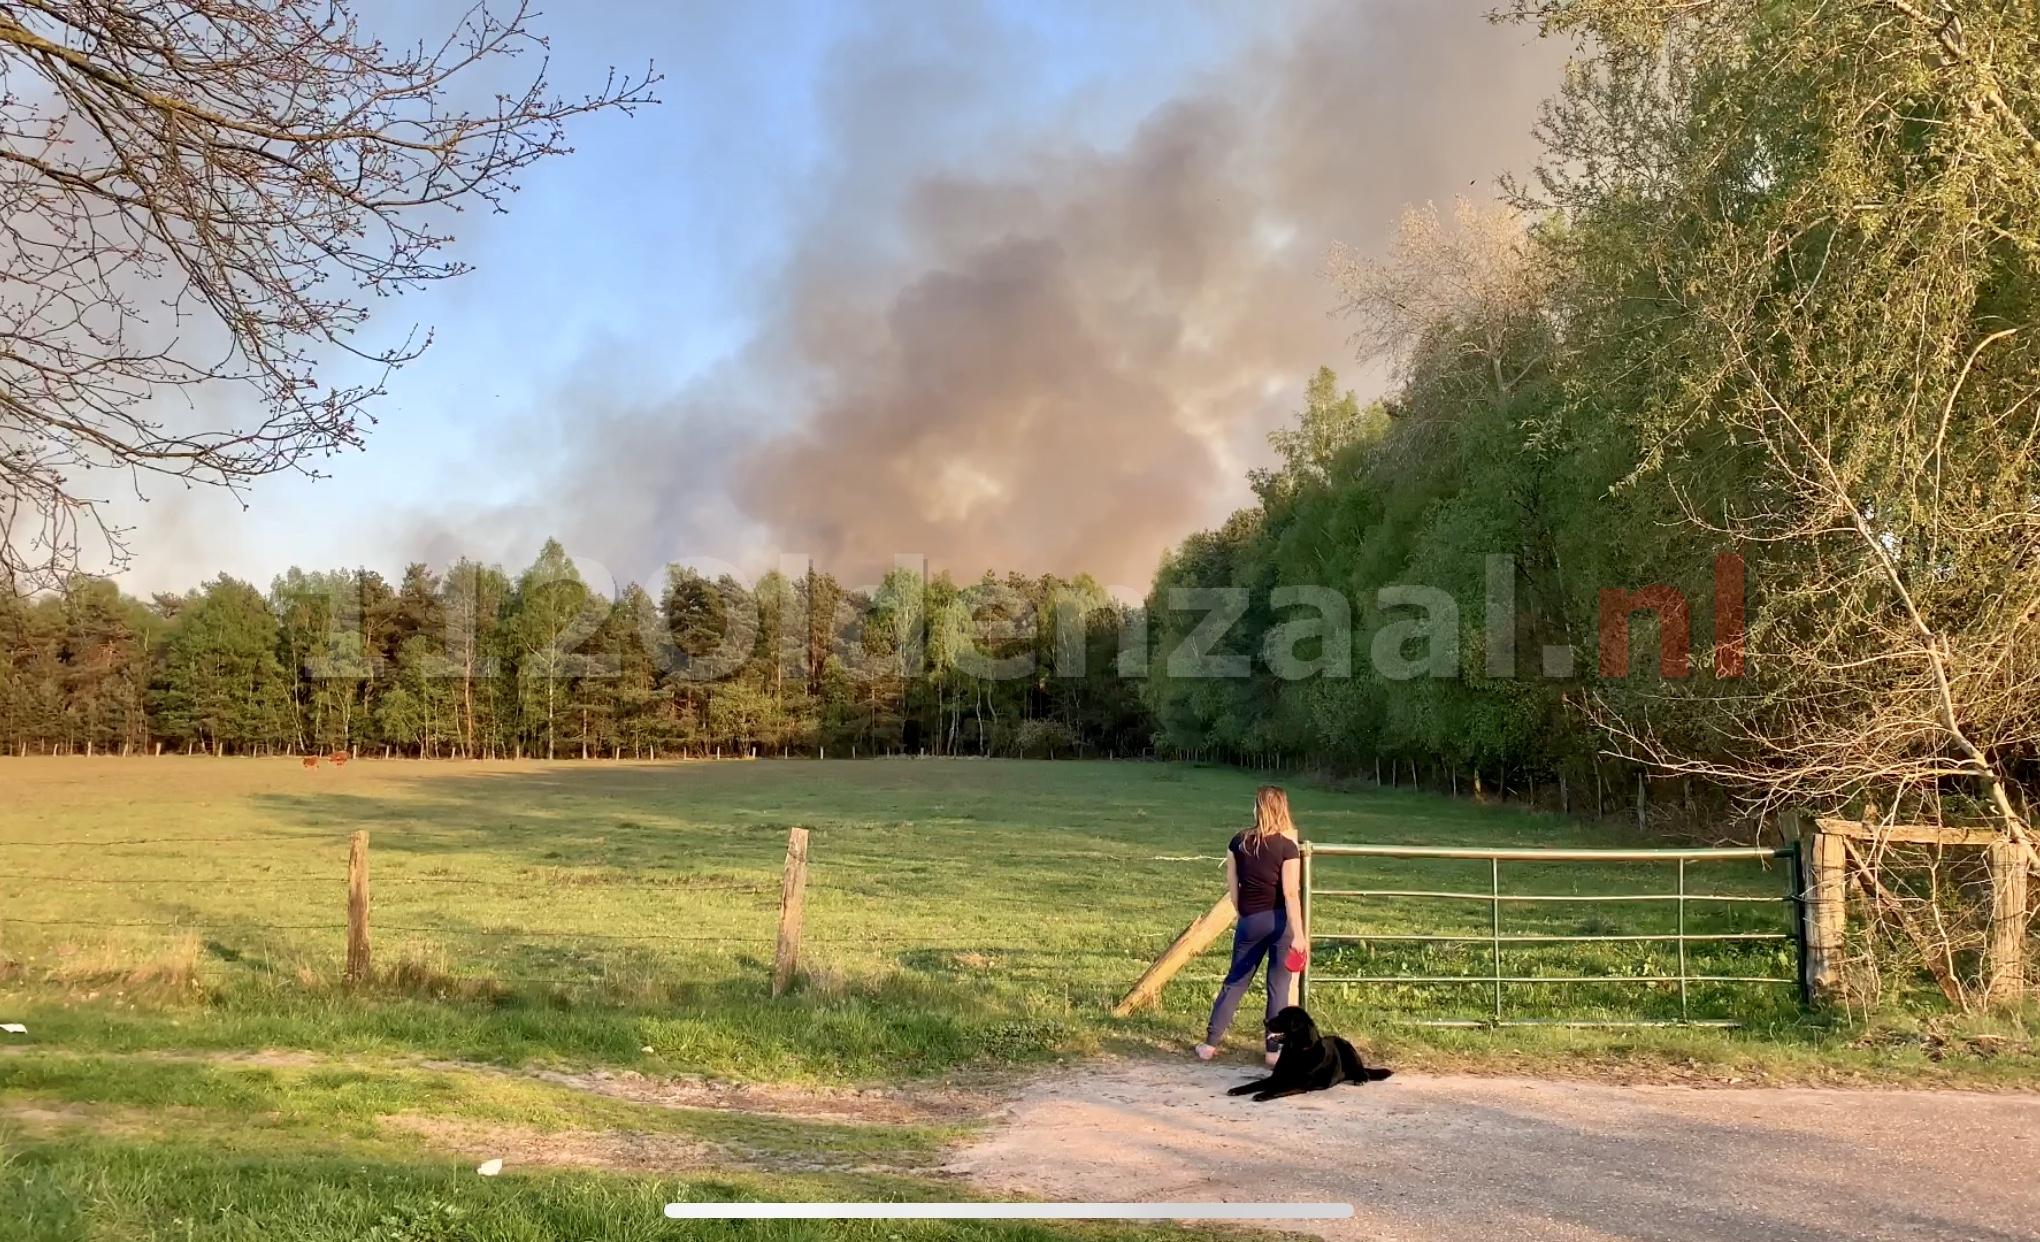 Grote rookontwikkeling bij grote veenbrand net over de grens in Duitsland